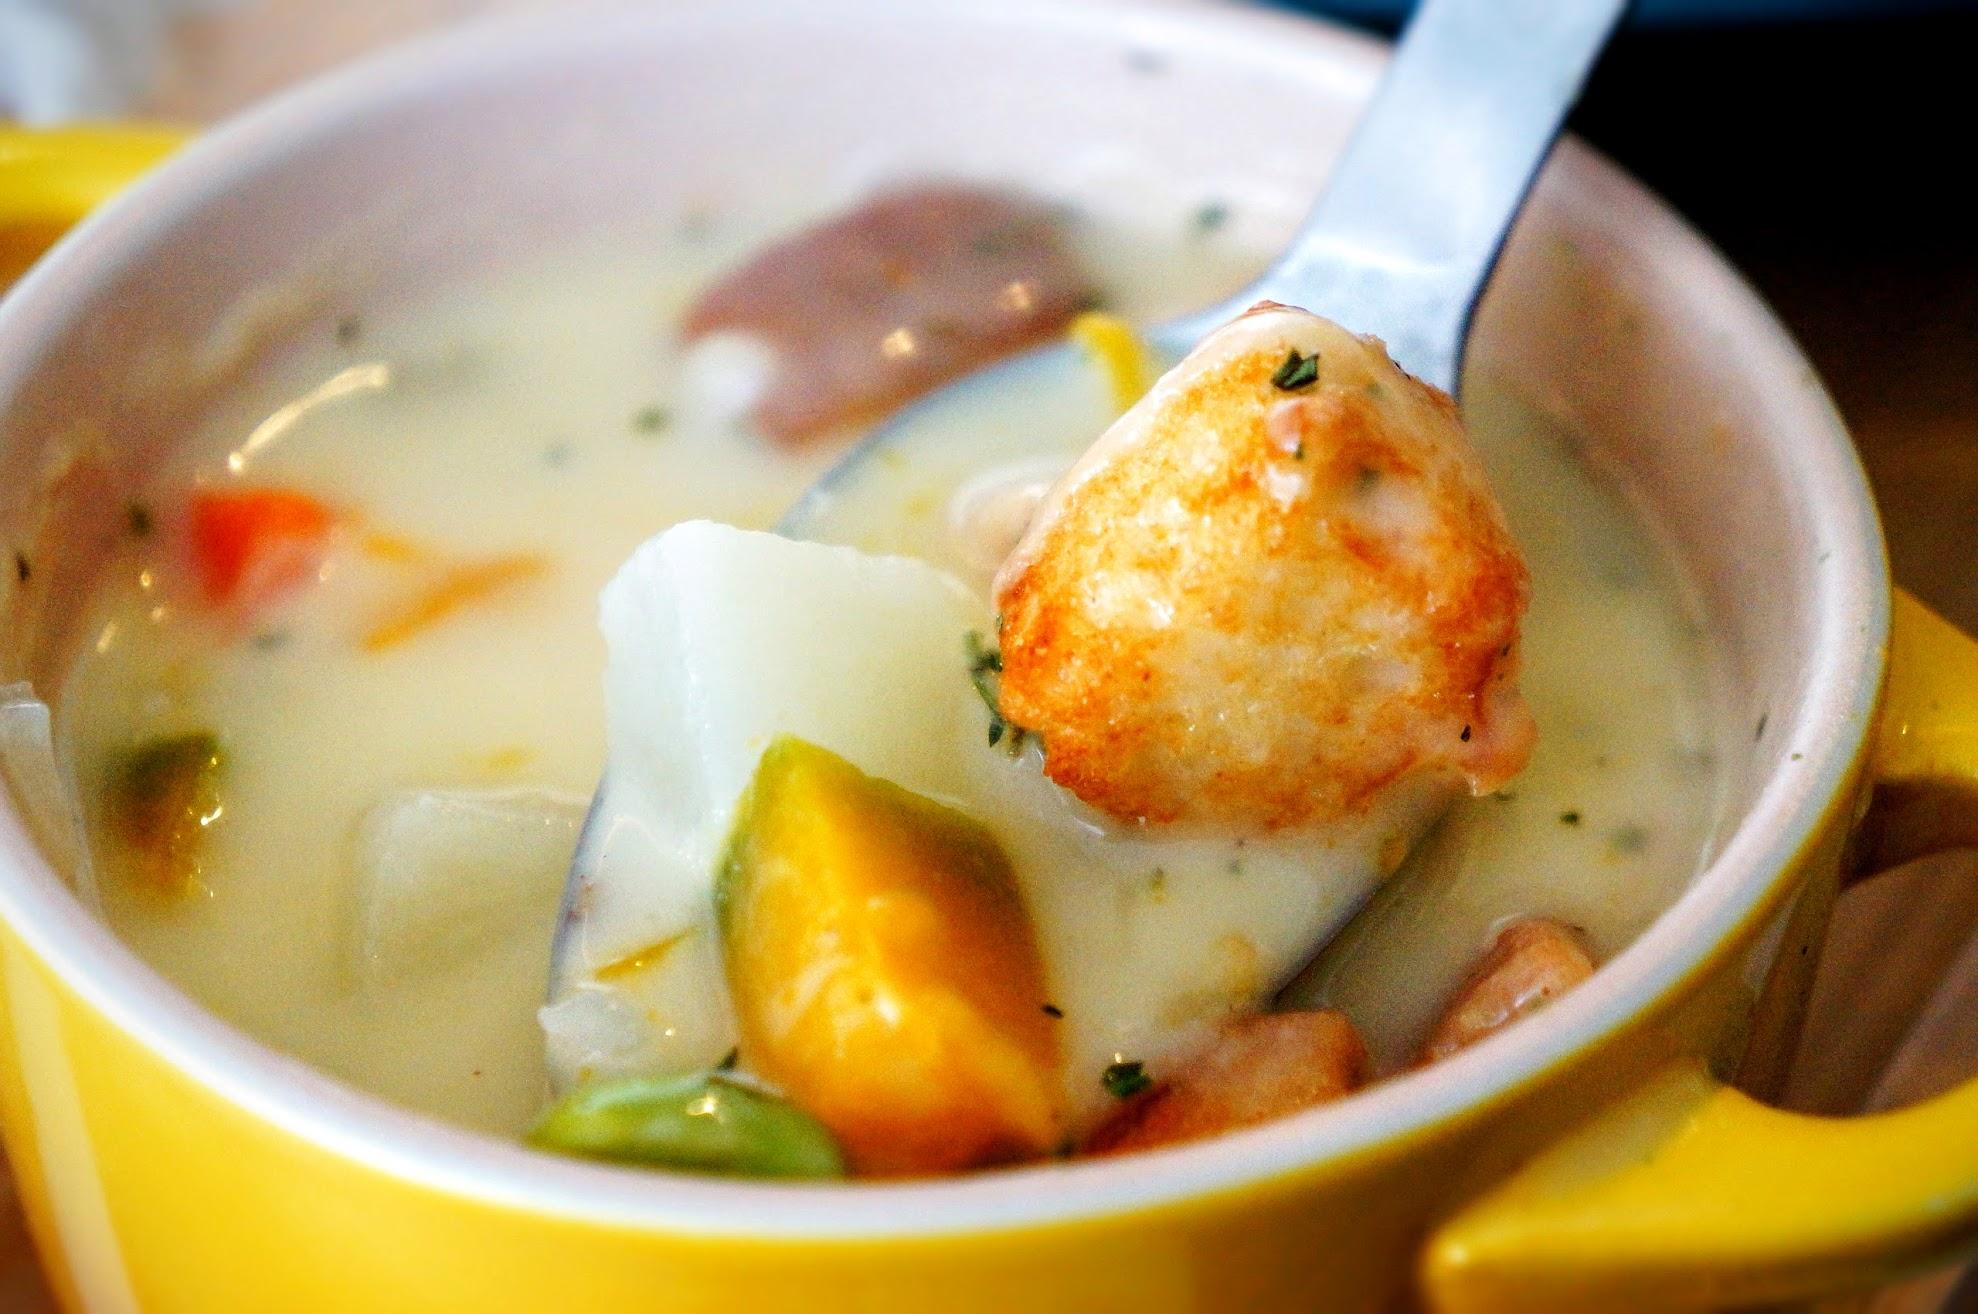 湯裡頭有薯泥塊、南瓜、培根、番茄等,滿滿都是料